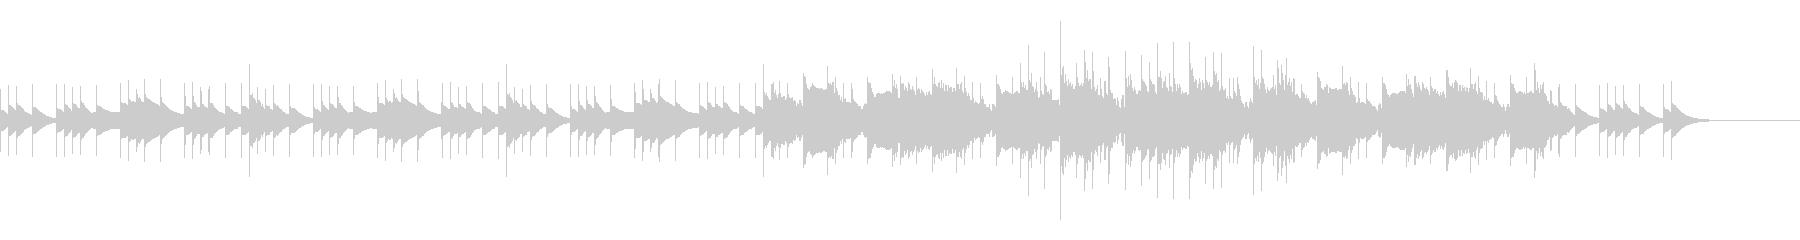 ハイテンポ、ノービートバージョンの未再生の波形